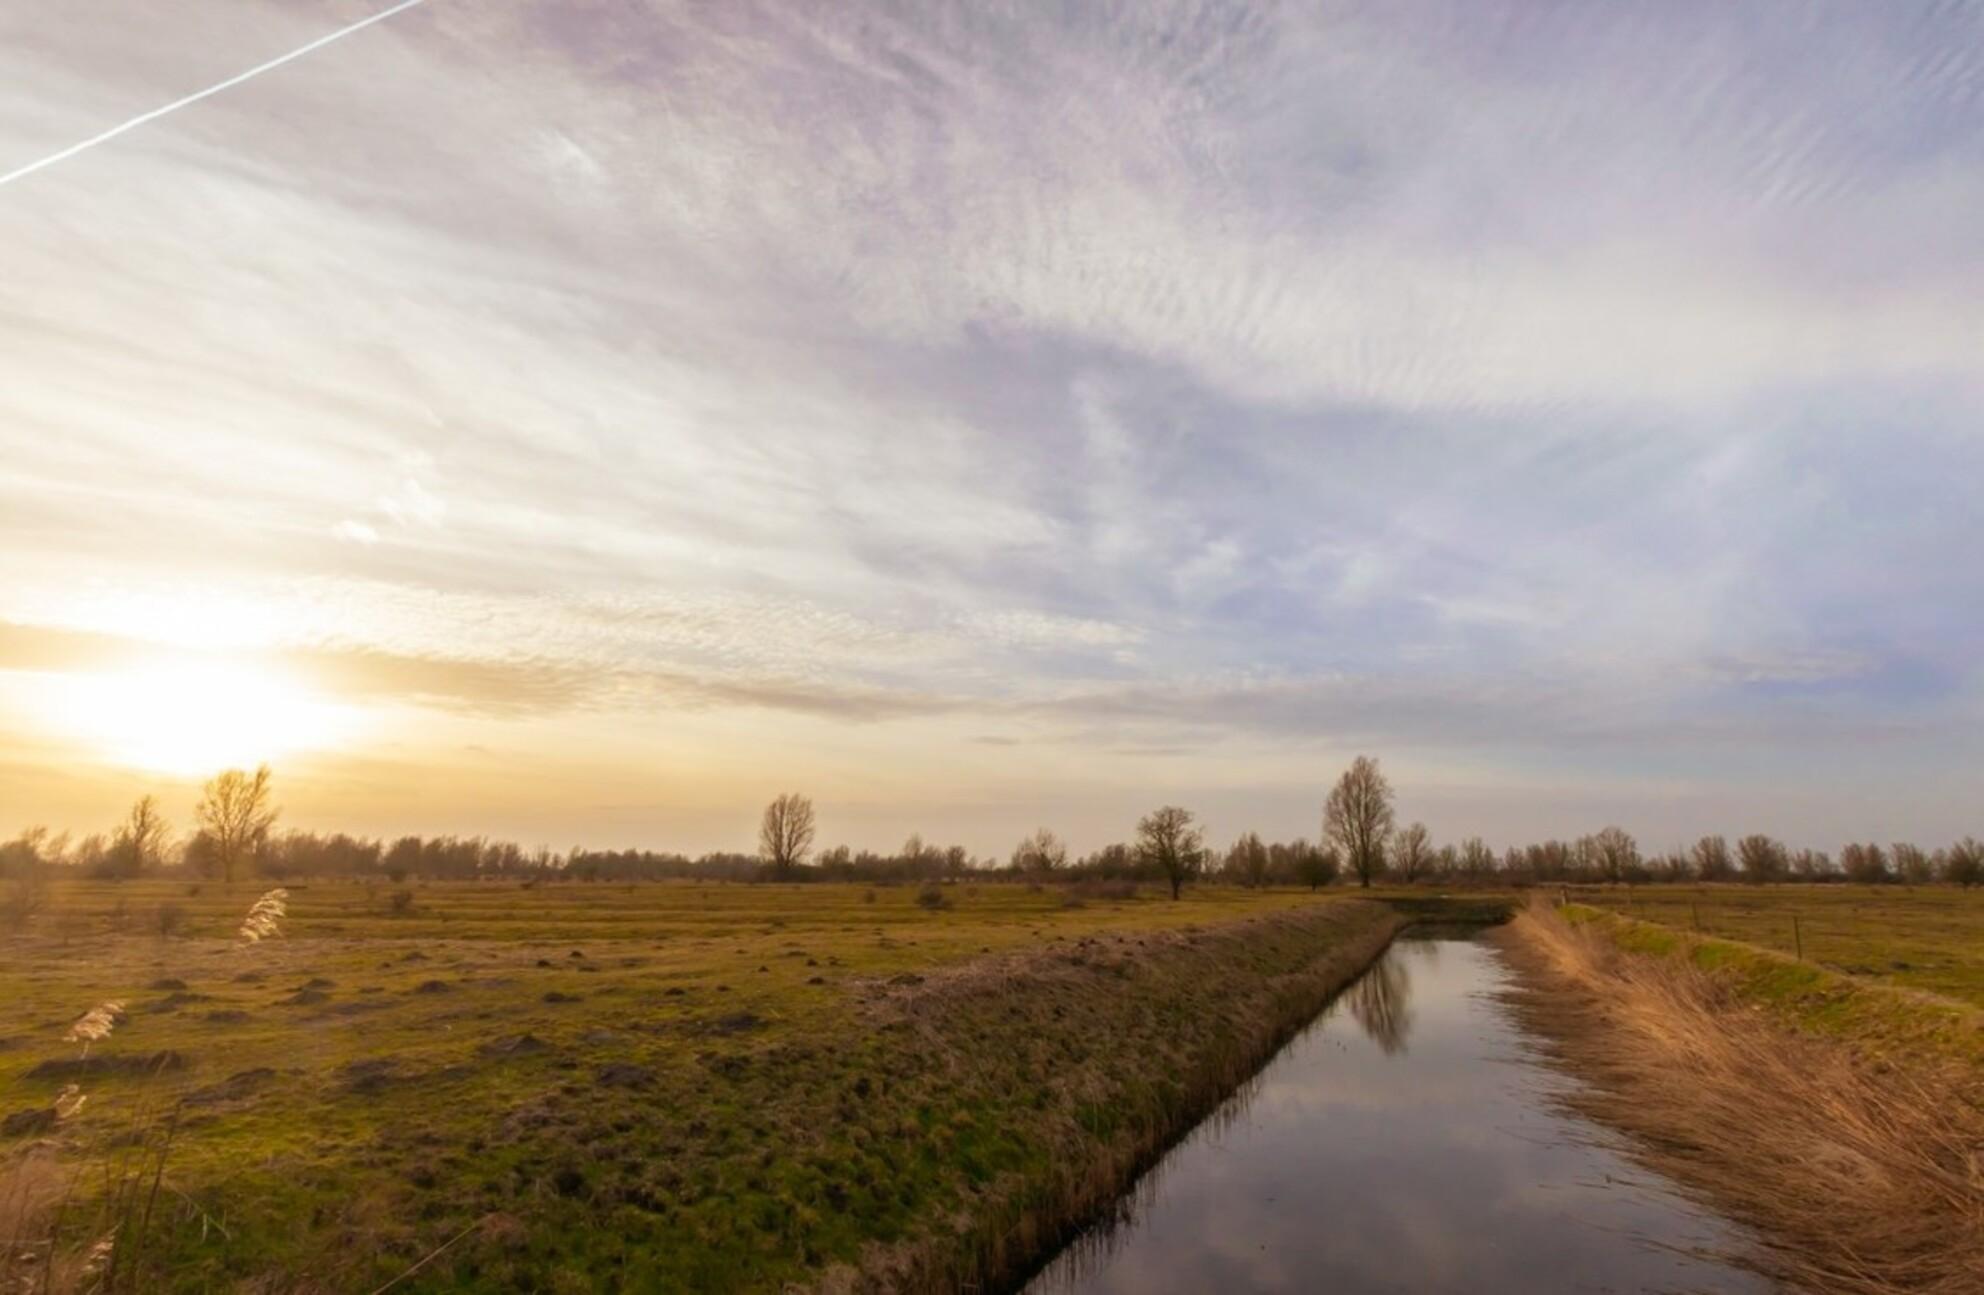 Lentegevoel - De winterkou verjaagd door dit plotselinge lente-gevoel in Kollumerwaard. - foto door Mirandalahuis op 04-03-2021 - deze foto bevat: lucht, kleuren, wolken, spiegel, zon, water, lente, zonsondergang, spiegeling, landschap, luchten, rust, friesland, noord-nederland, nederlandse luchten - Deze foto mag gebruikt worden in een Zoom.nl publicatie